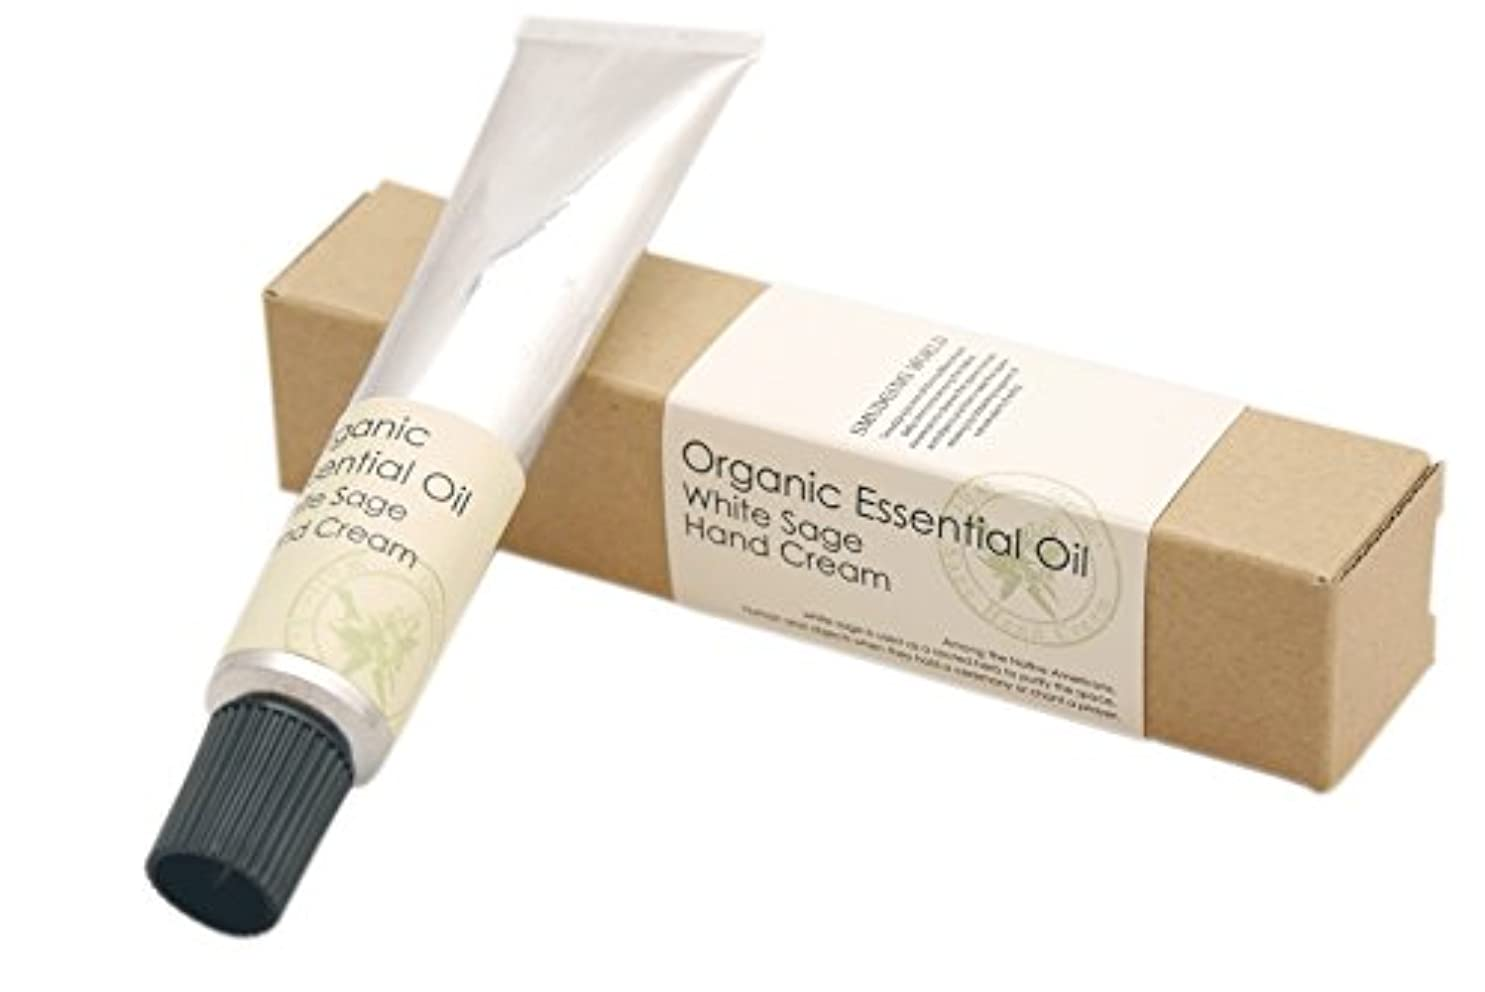 仕える大惨事下向きアロマレコルト ハンドクリーム ホワイトセージ 【White Sage】 オーガニック エッセンシャルオイル organic essential oil hand cream arome recolte